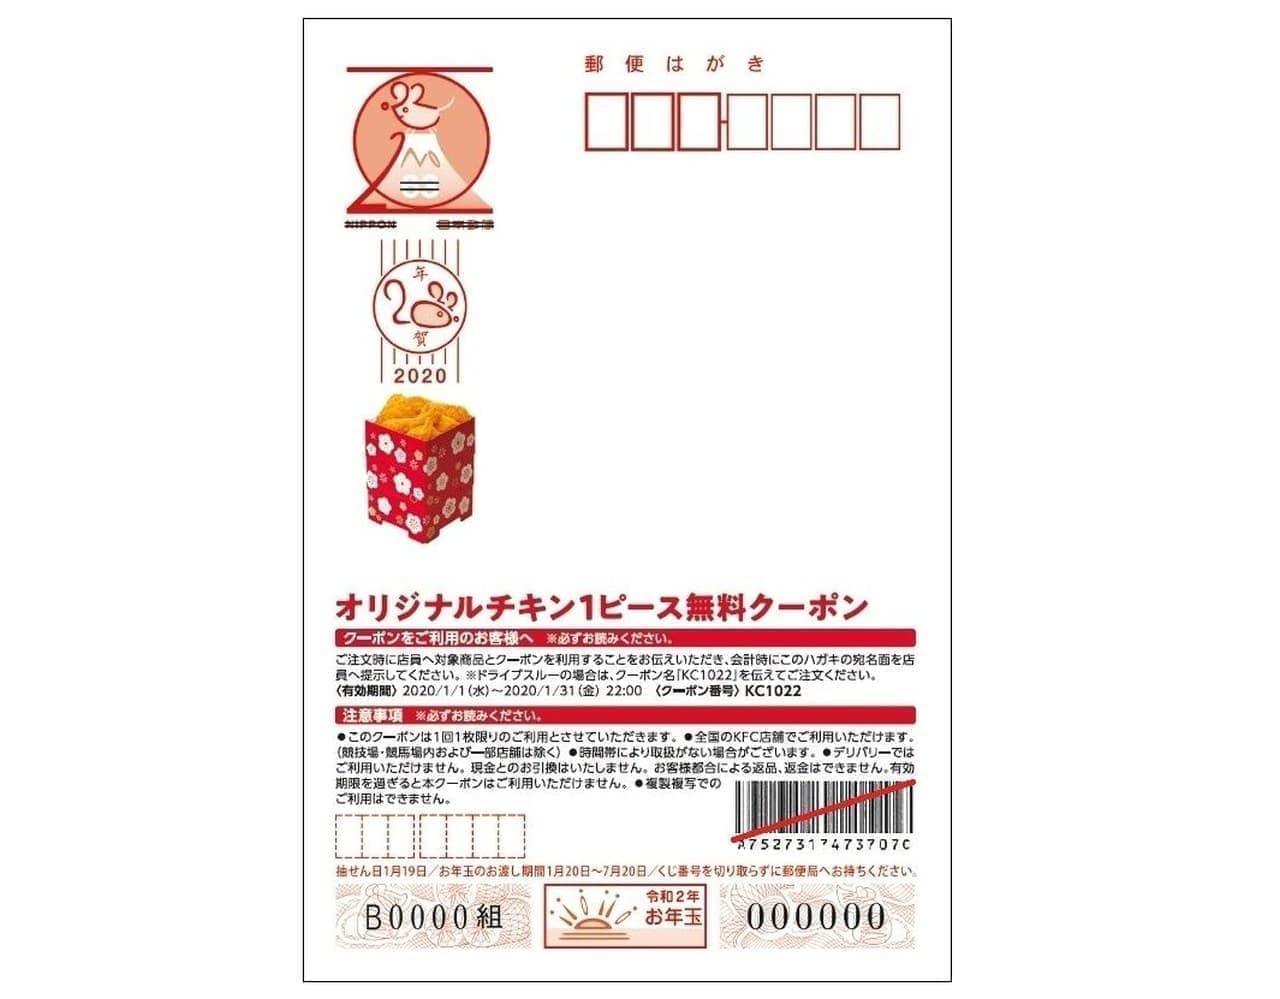 郵便局「ギフト付きオリジナル年賀はがき」